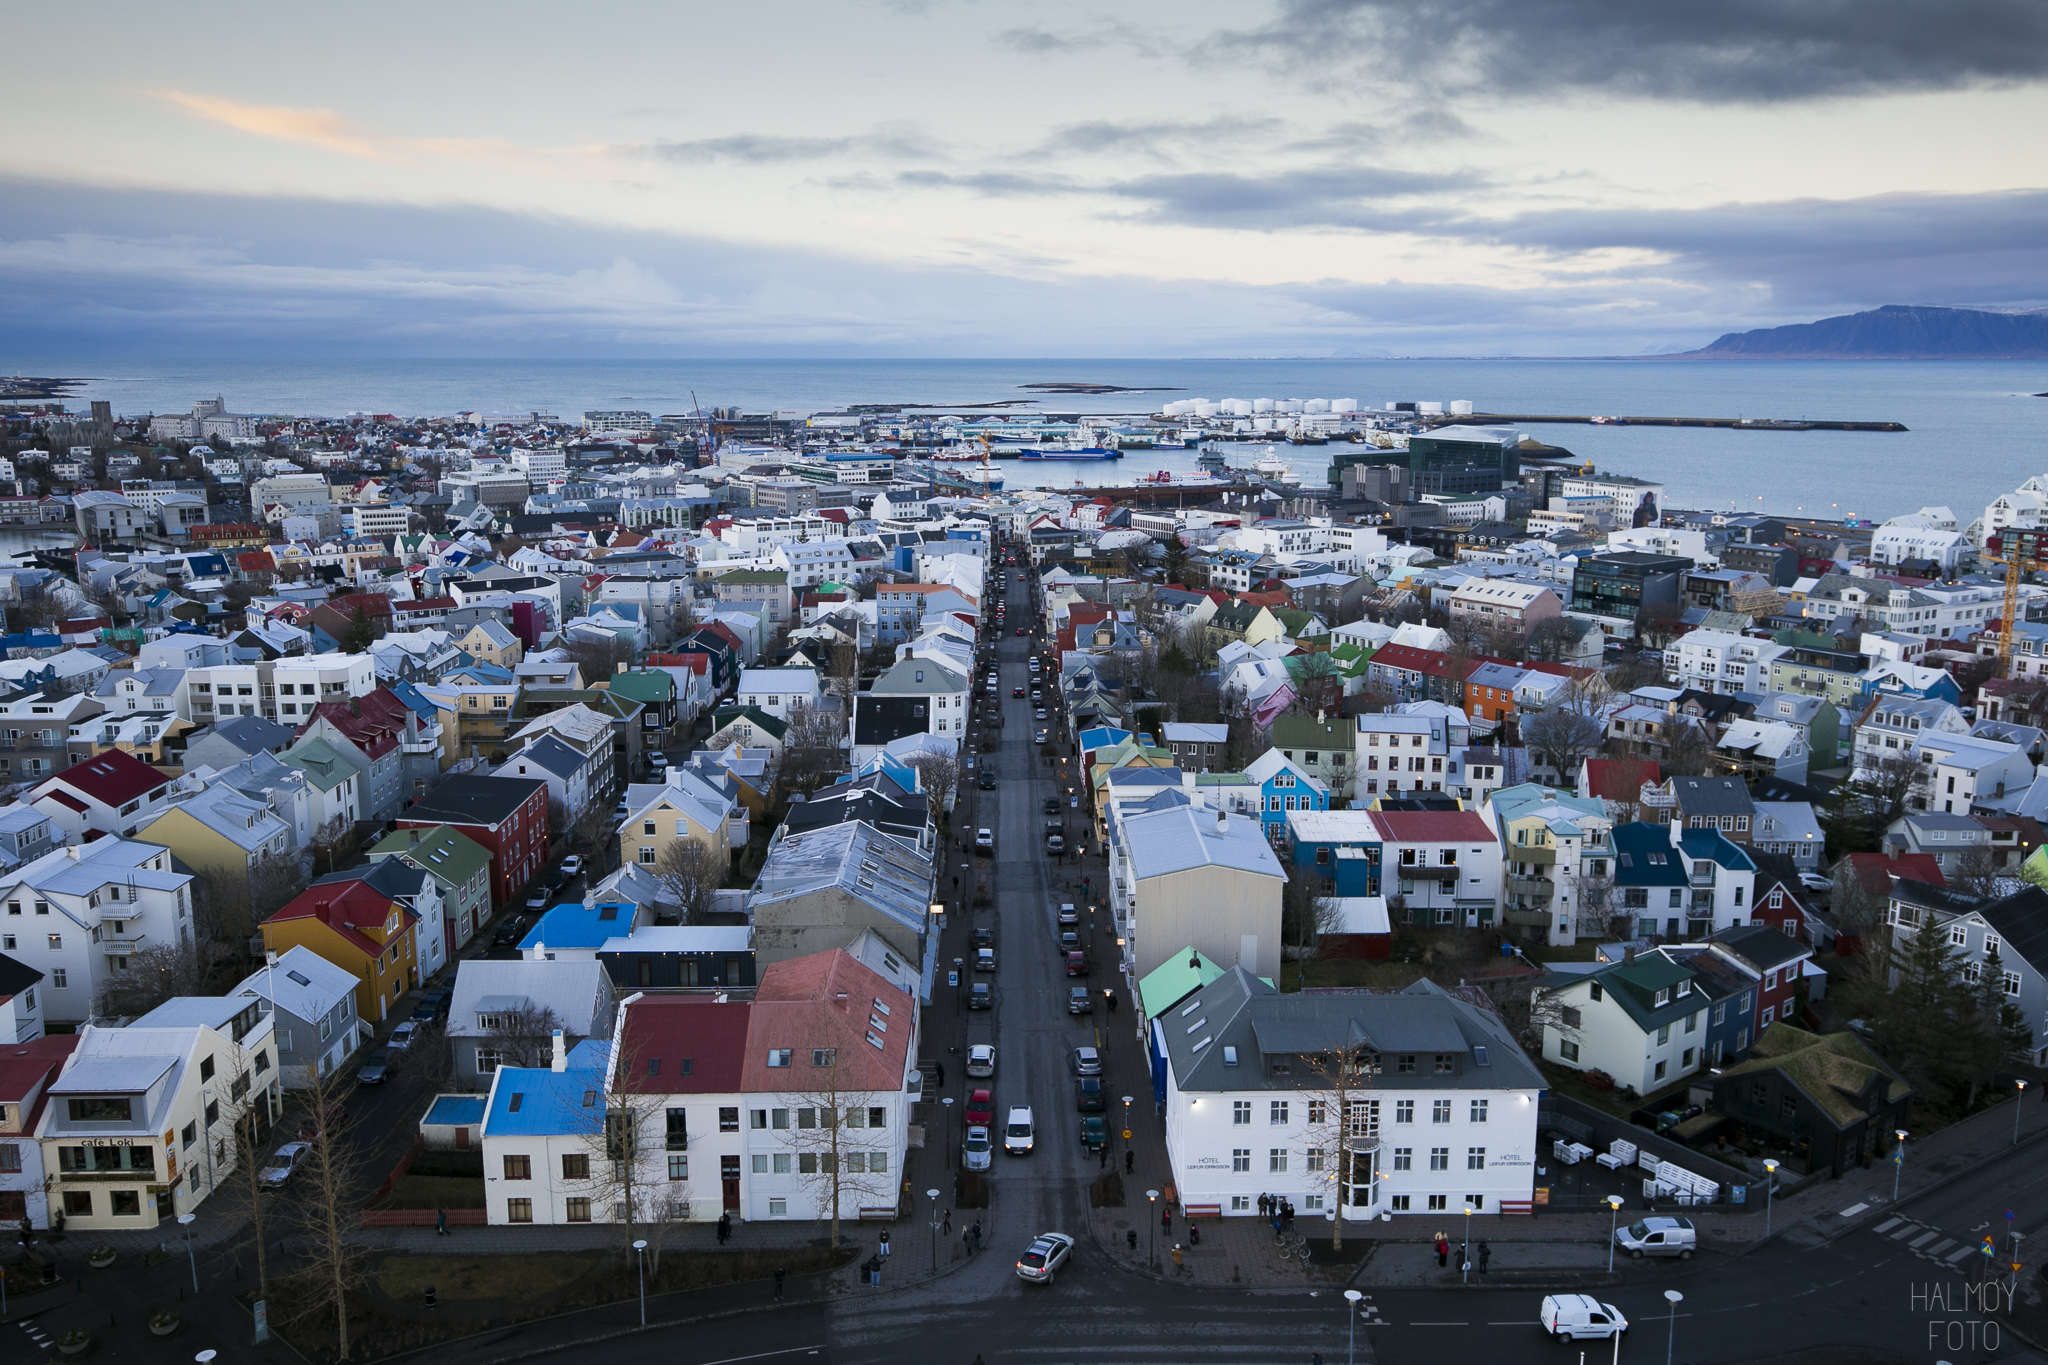 Fantastisk utsikt over Reykjavik.